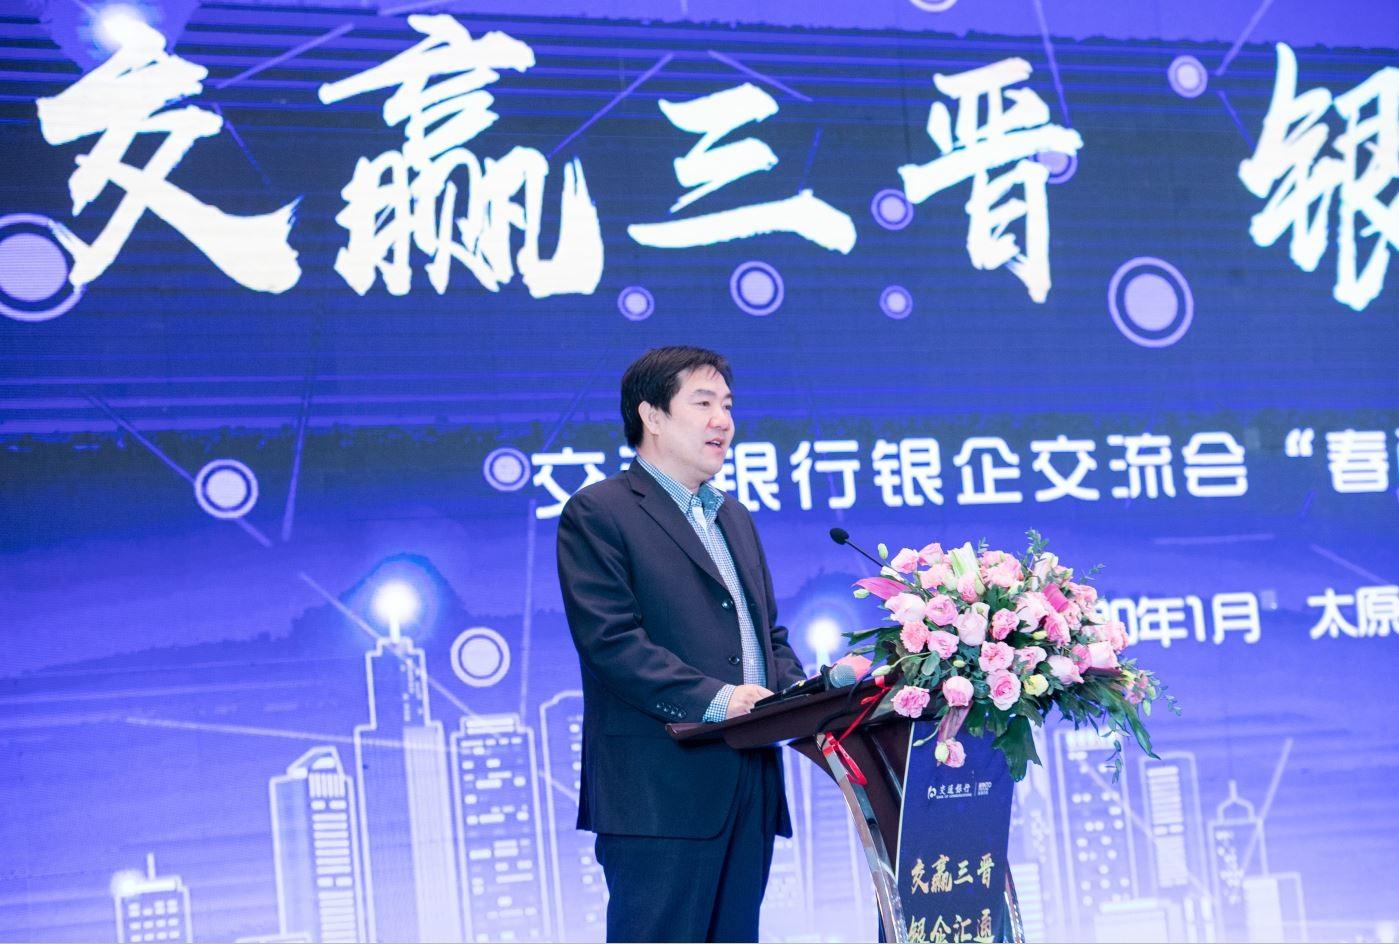 交赢三晋银企汇通——2020年交通银行首场银企交流会在太原成功举办